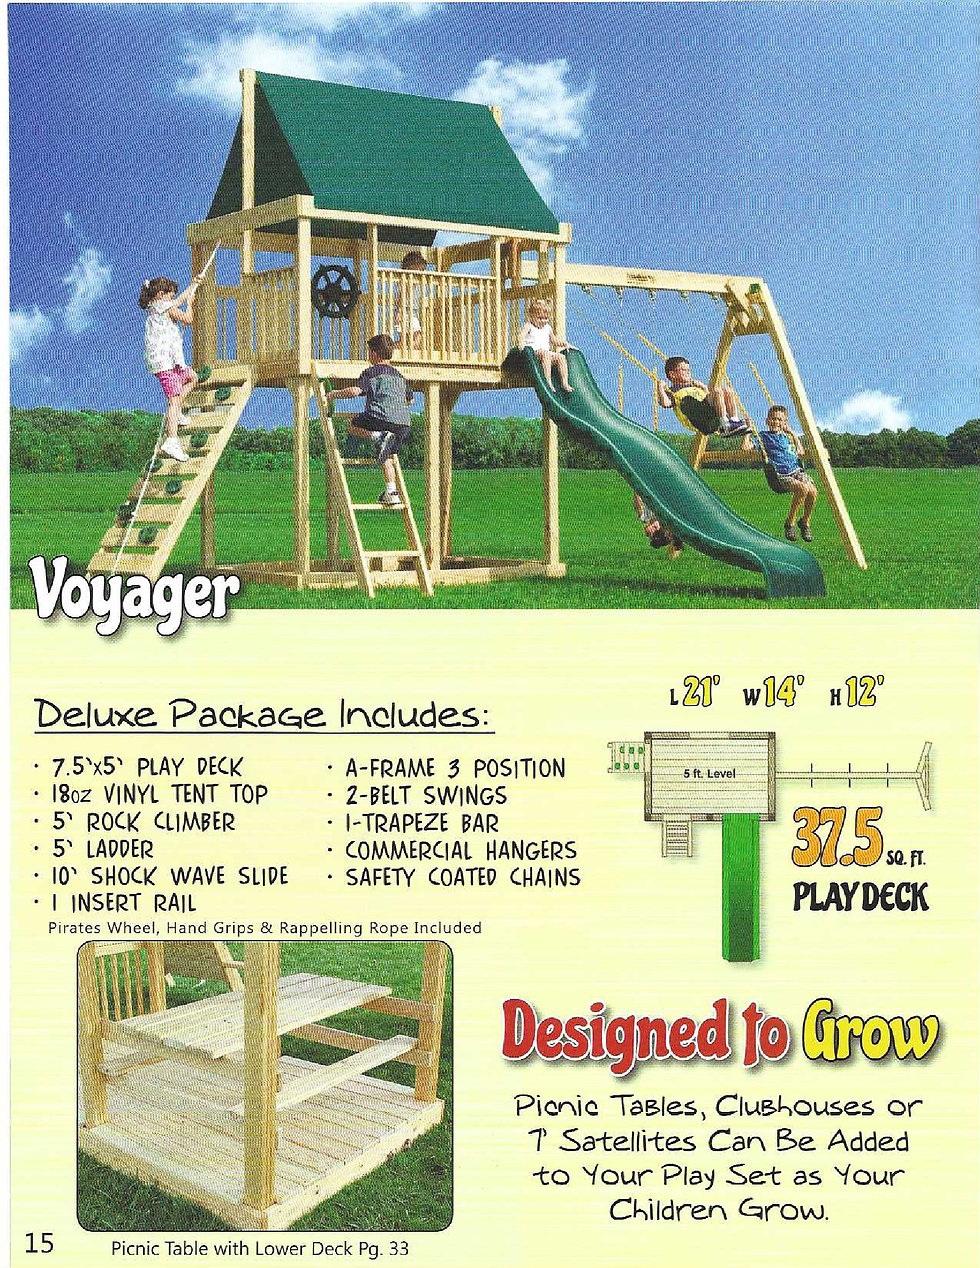 Voyager Deluxe.jpg